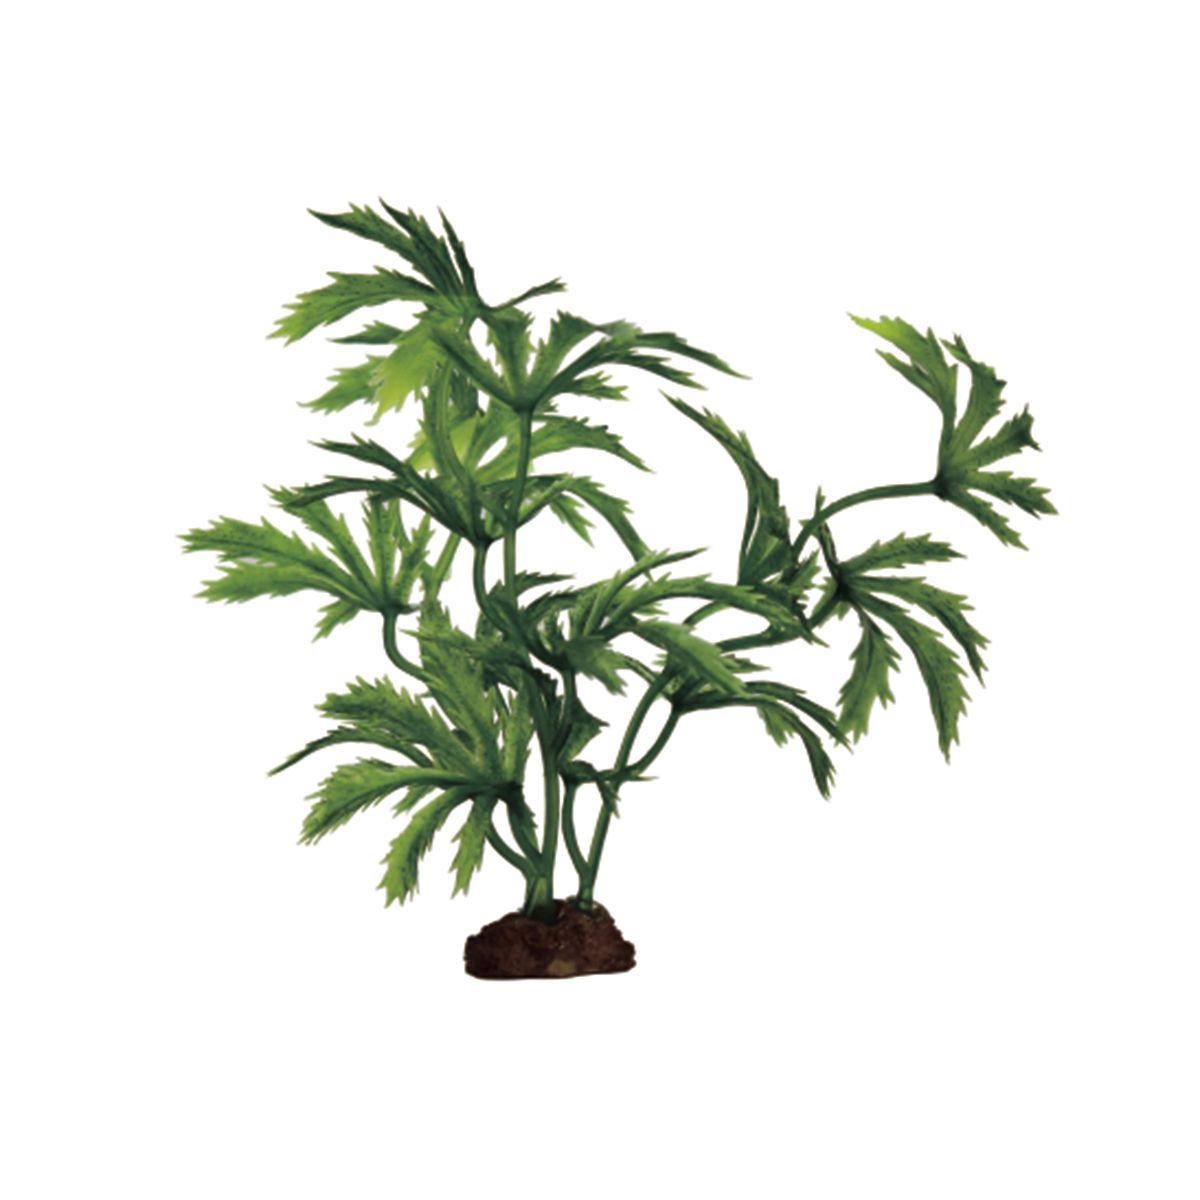 Растение для аквариума ArtUniq Абутилон, высота 10 см, 6 штART-1170514Растение для аквариума ArtUniq Абутилон, высота 10 см, 6 шт